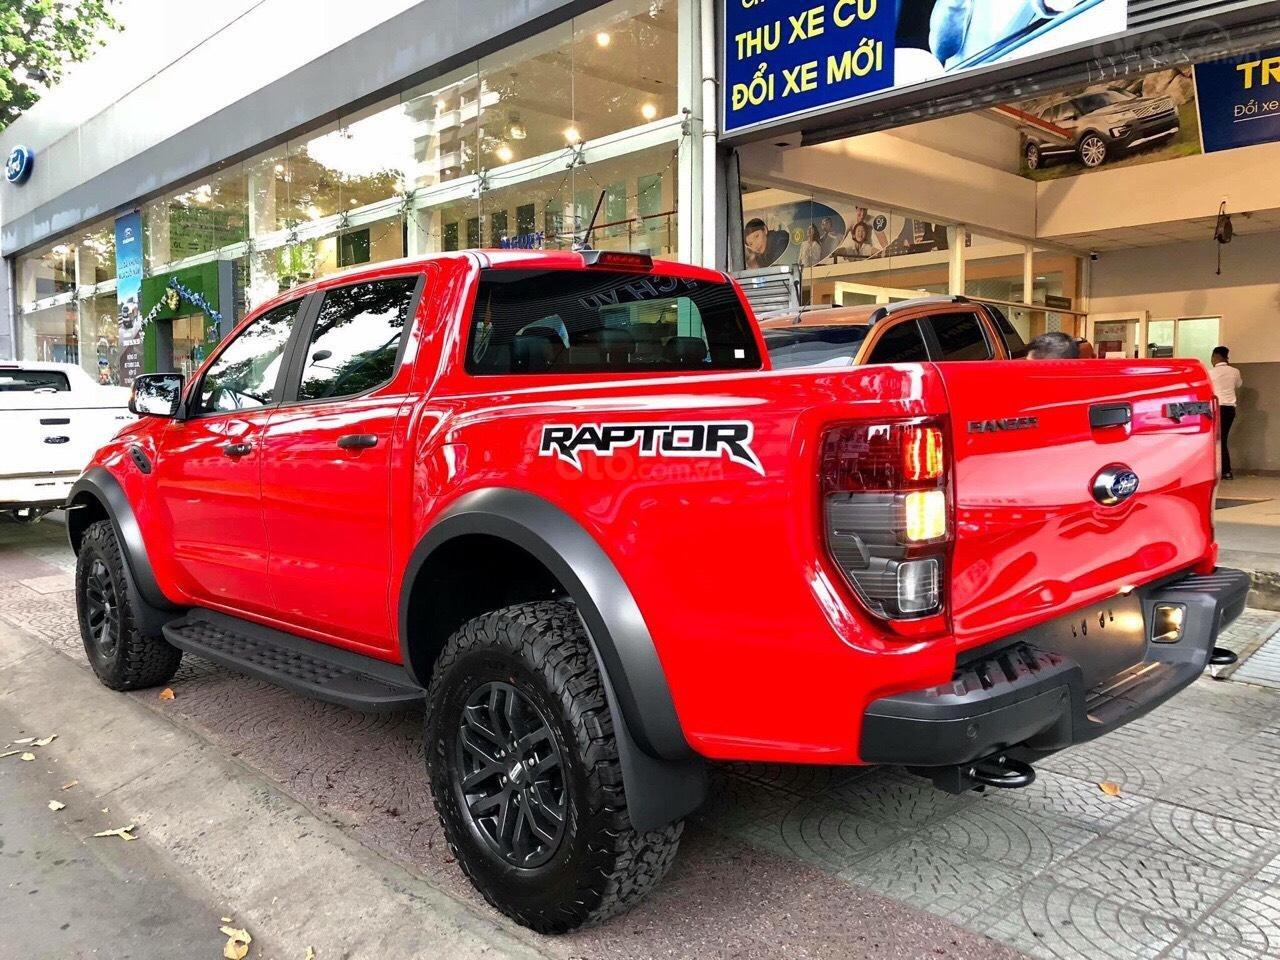 Hòa Bình Ford Ranger Raptor đời 2019, màu đỏ, nhập khẩu nguyên chiếc, LH 0974286009 (1)